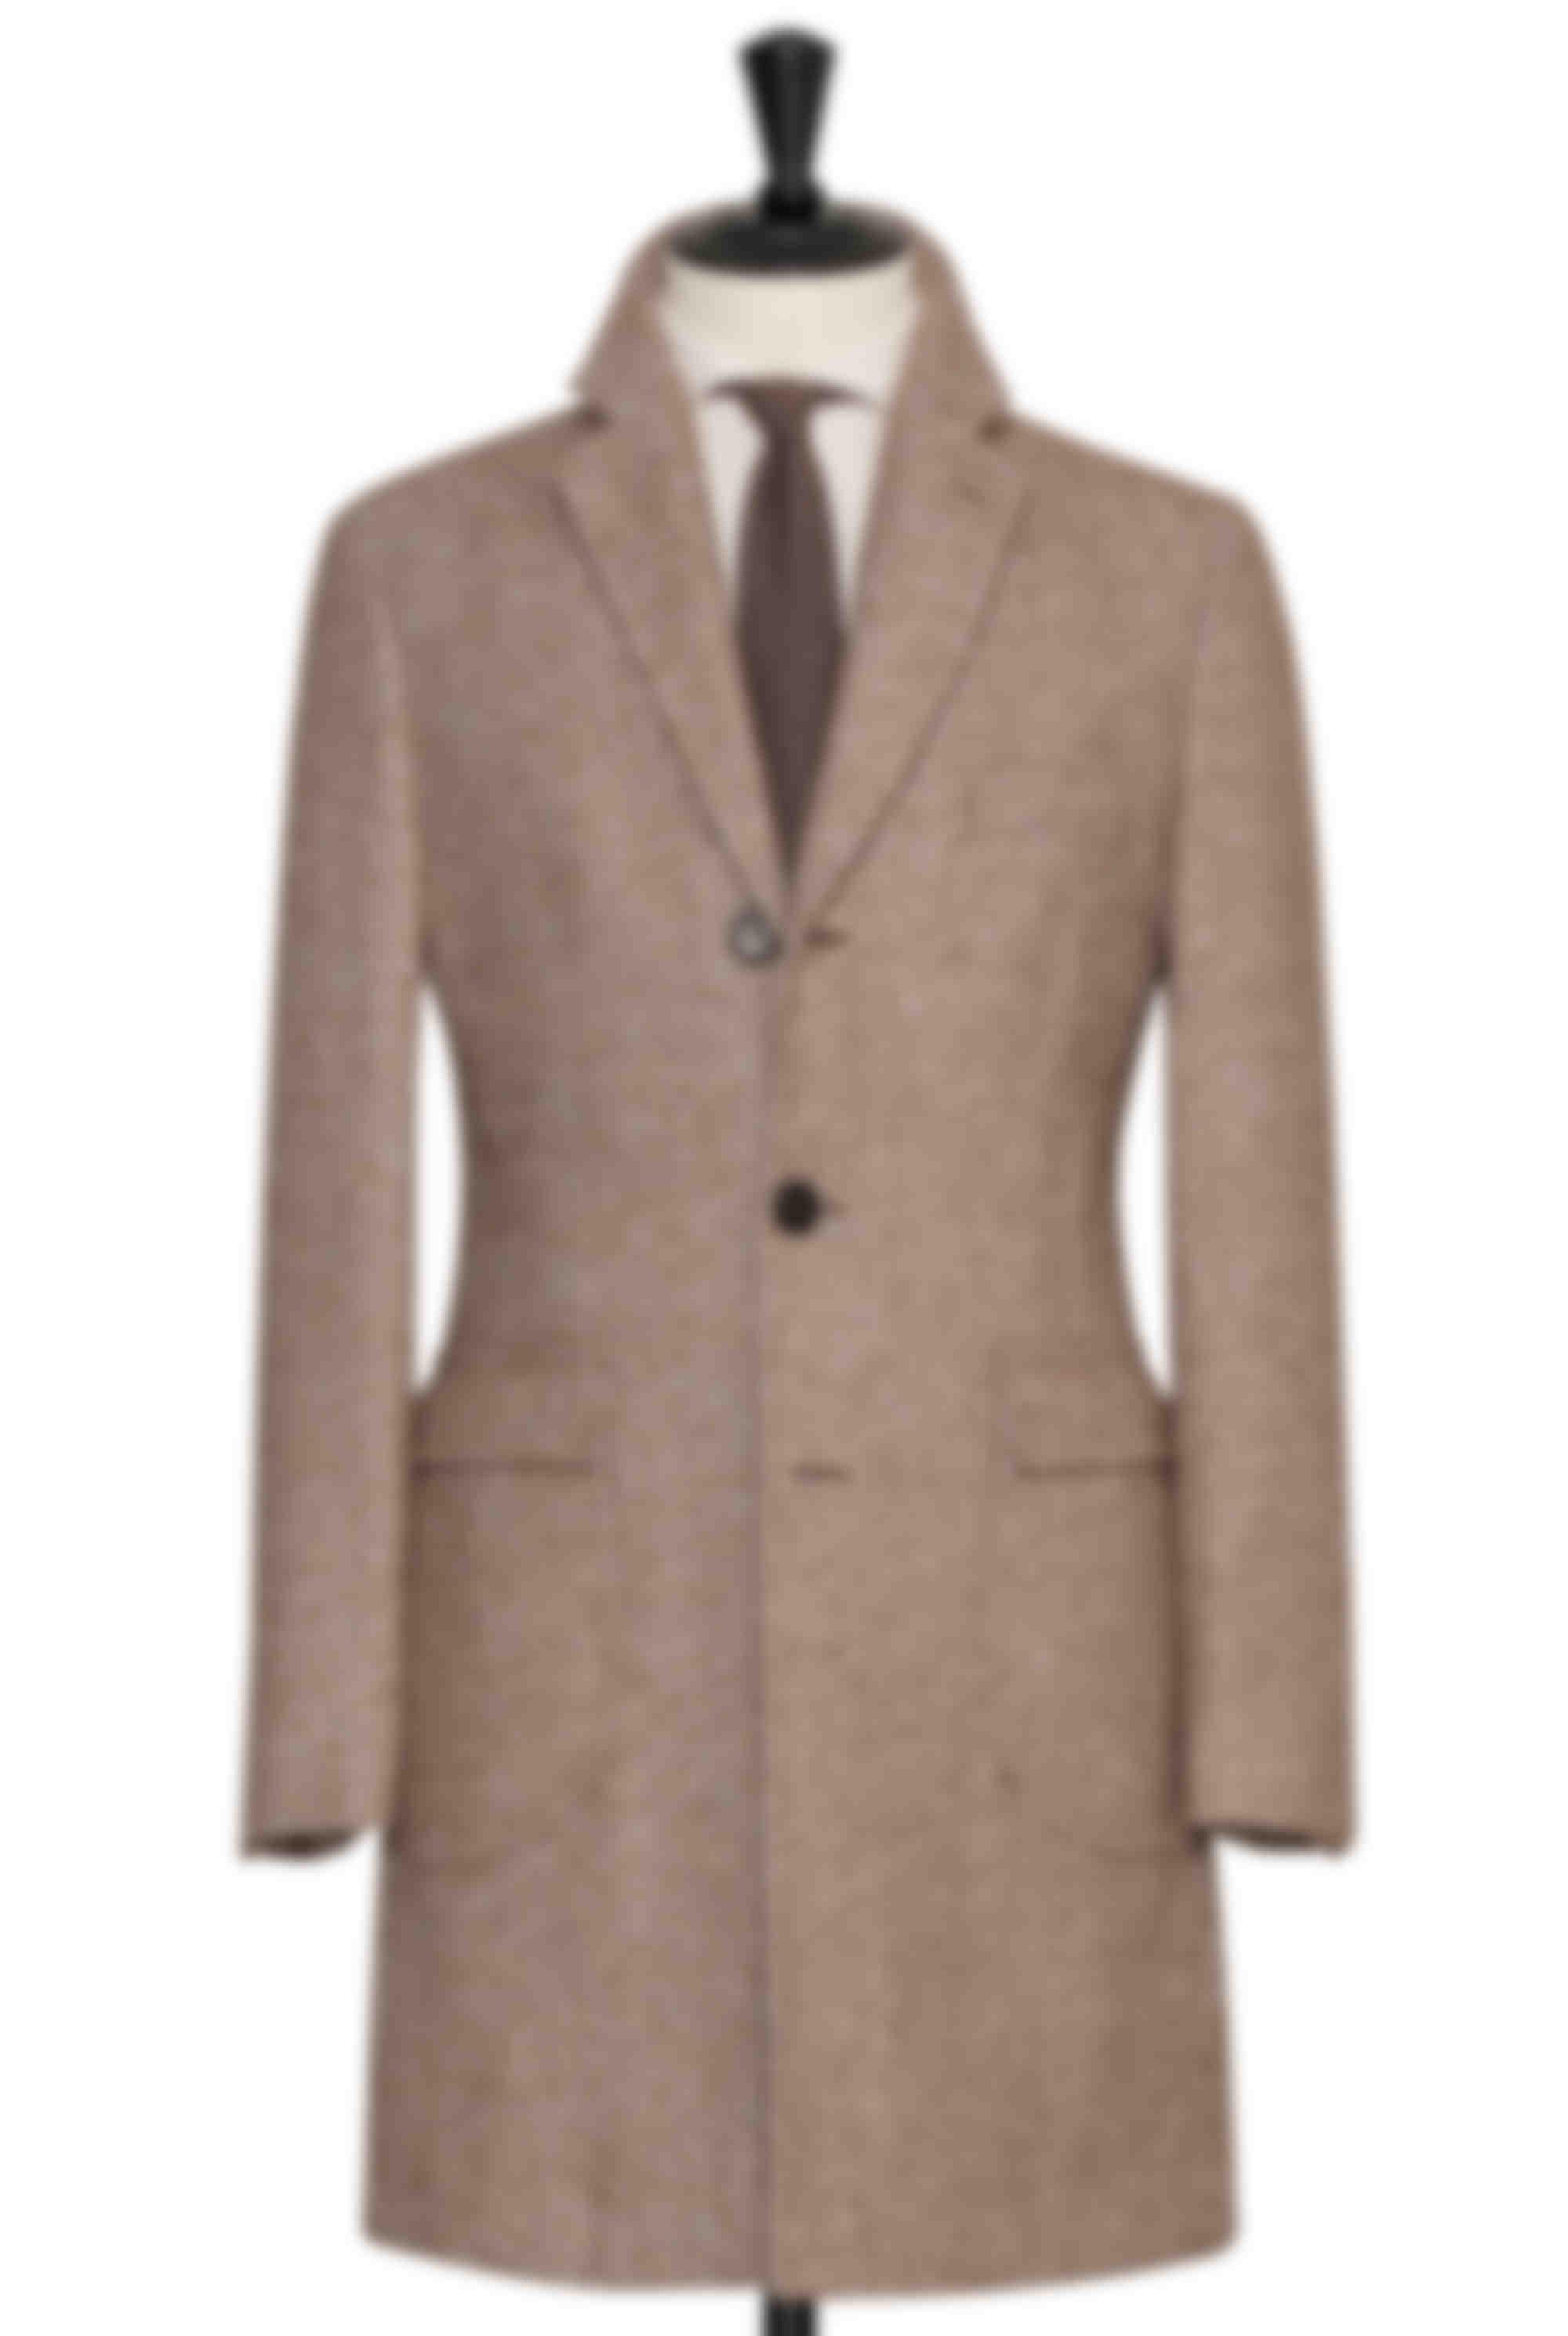 Manteau sur mesure droit chevrons marron clair poches plaquées Atelier Mesure